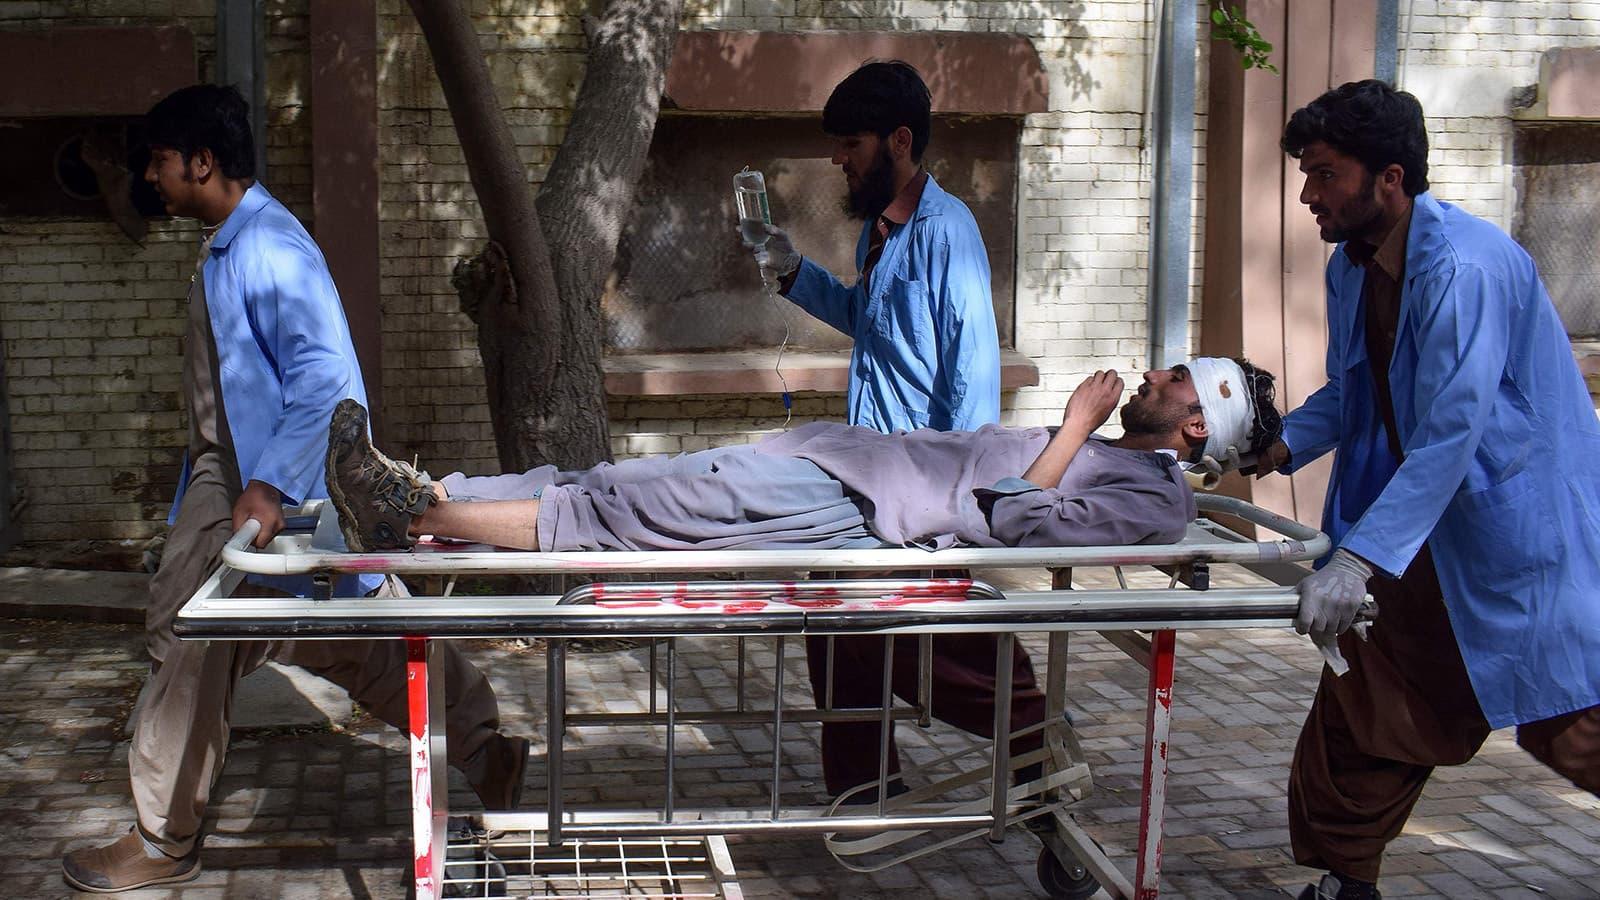 زخمیوں کو ابتدائی طور پر بولان میڈیکل کمپلیکس میں منتقل کیا گیا—تصویر:اے ایف پی